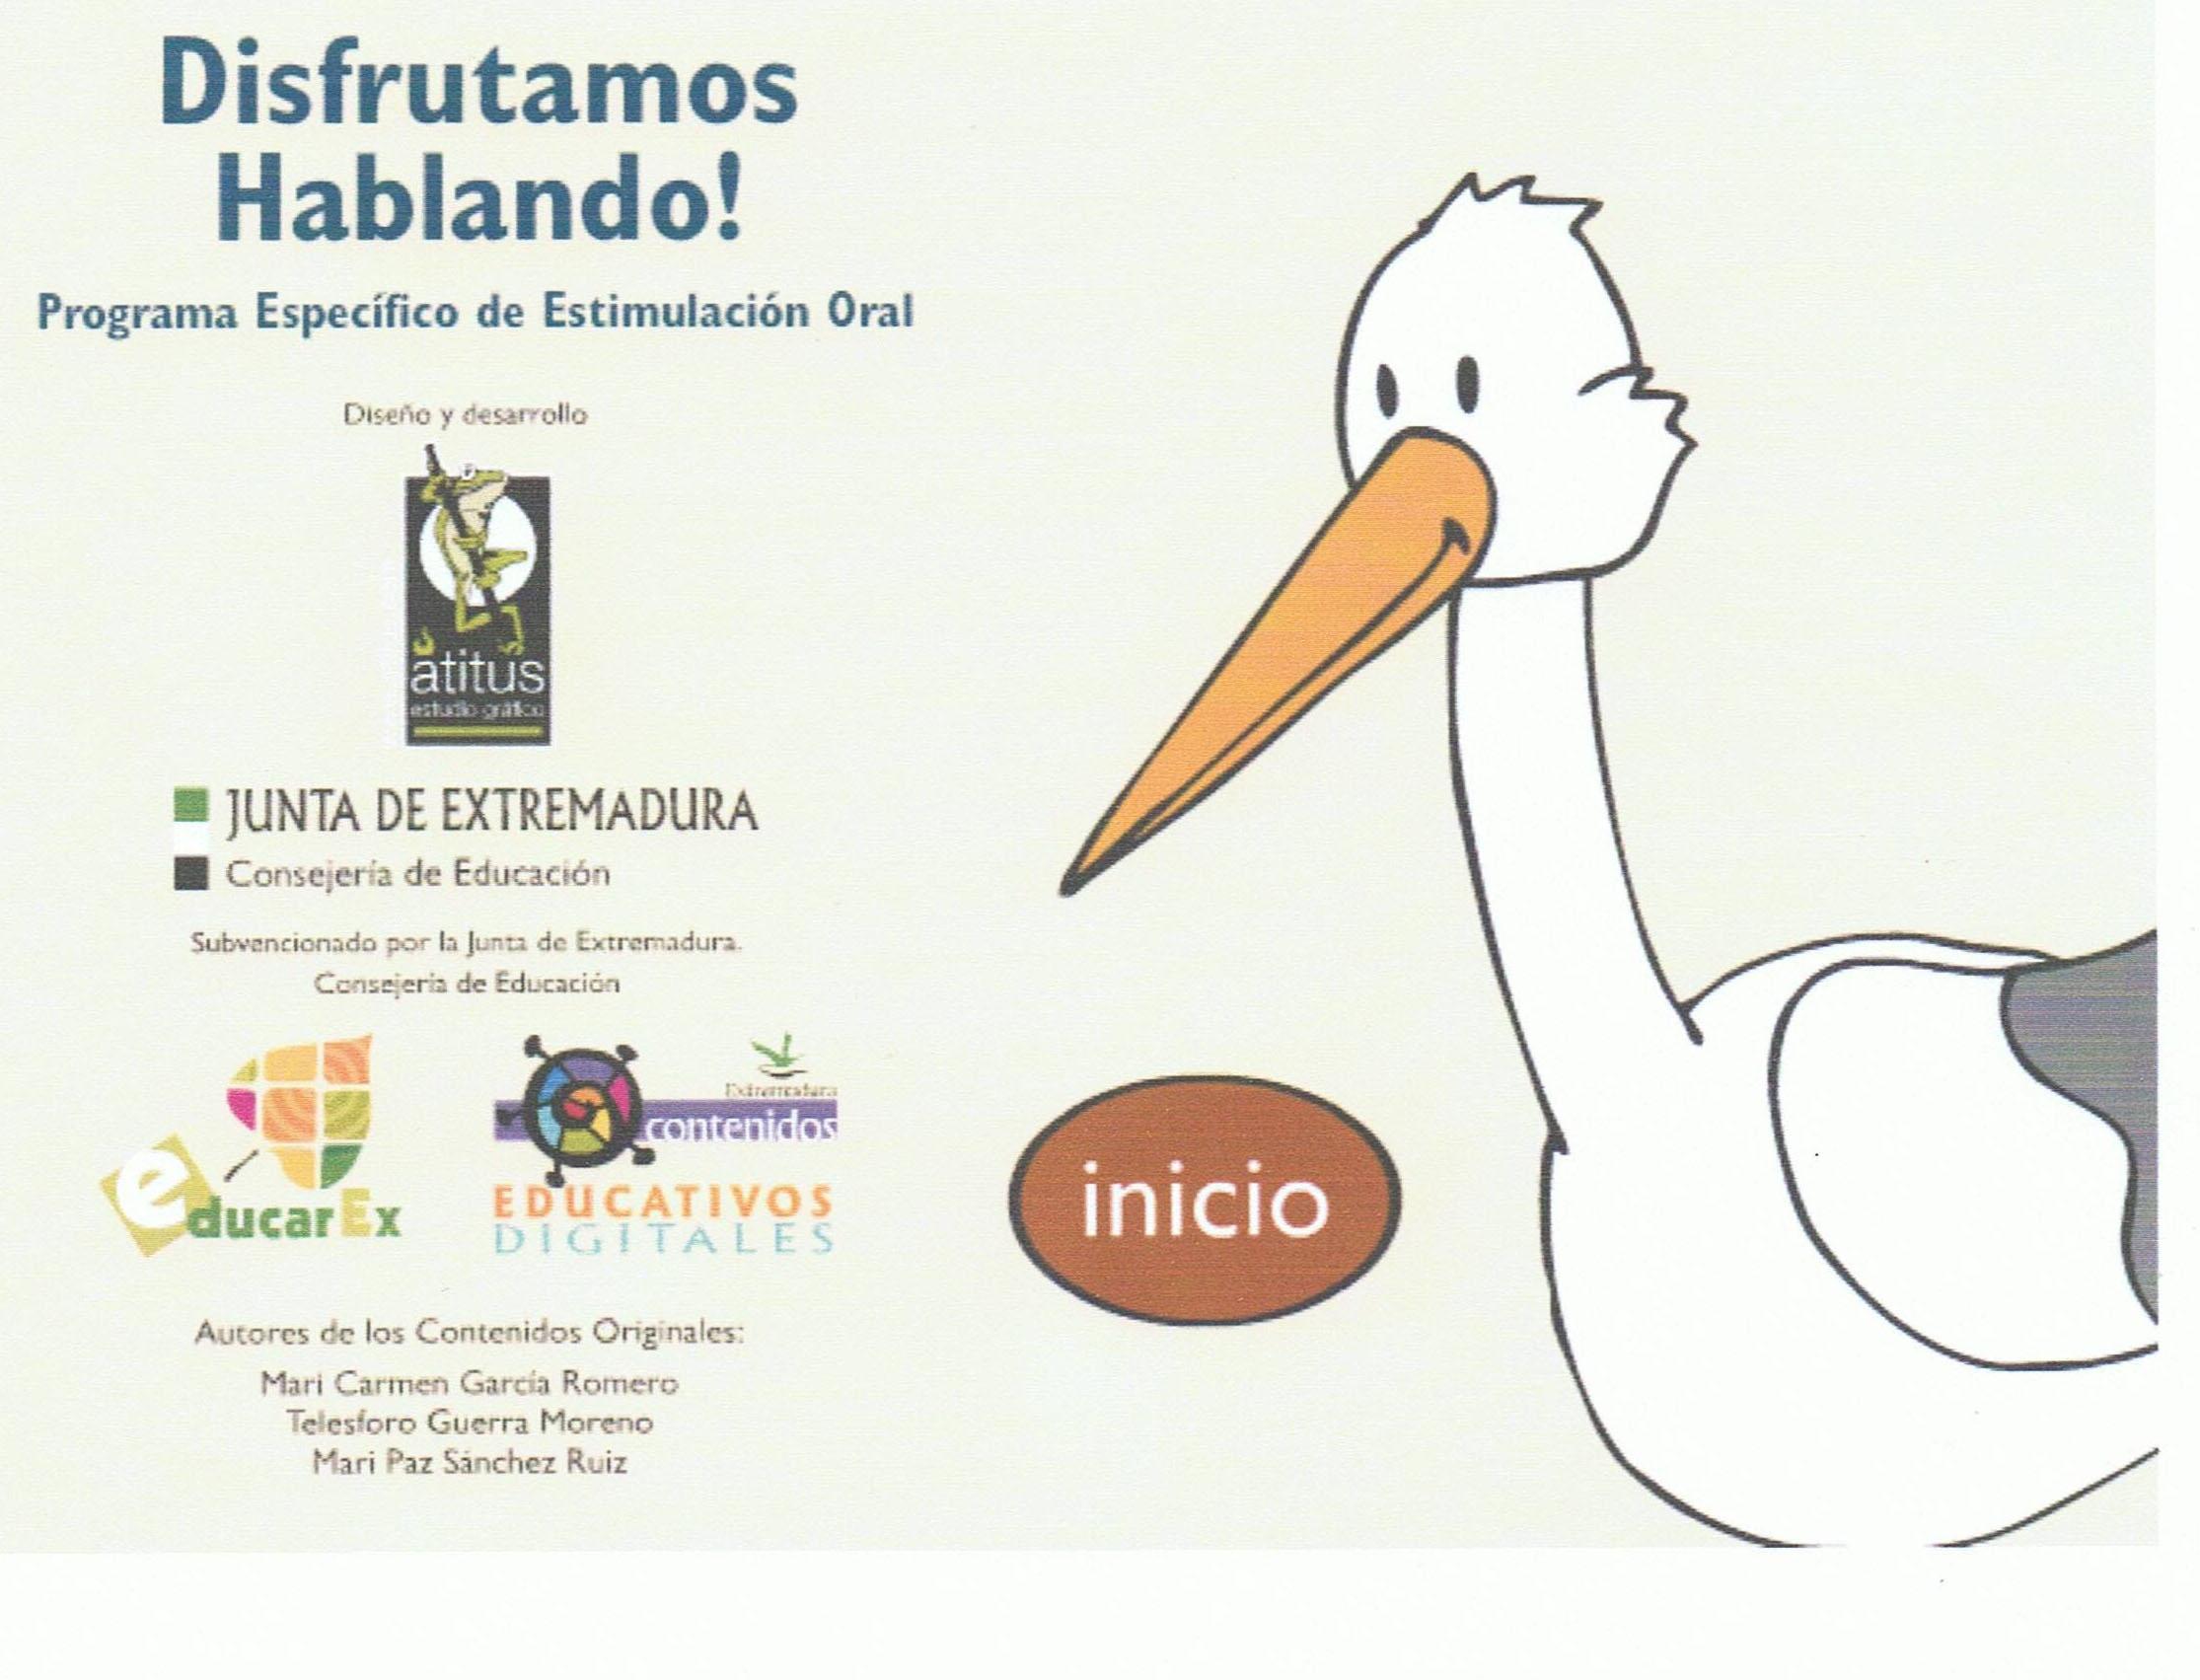 http://conteni2.educarex.es/mats/121430/contenido/A-JUGAR.html